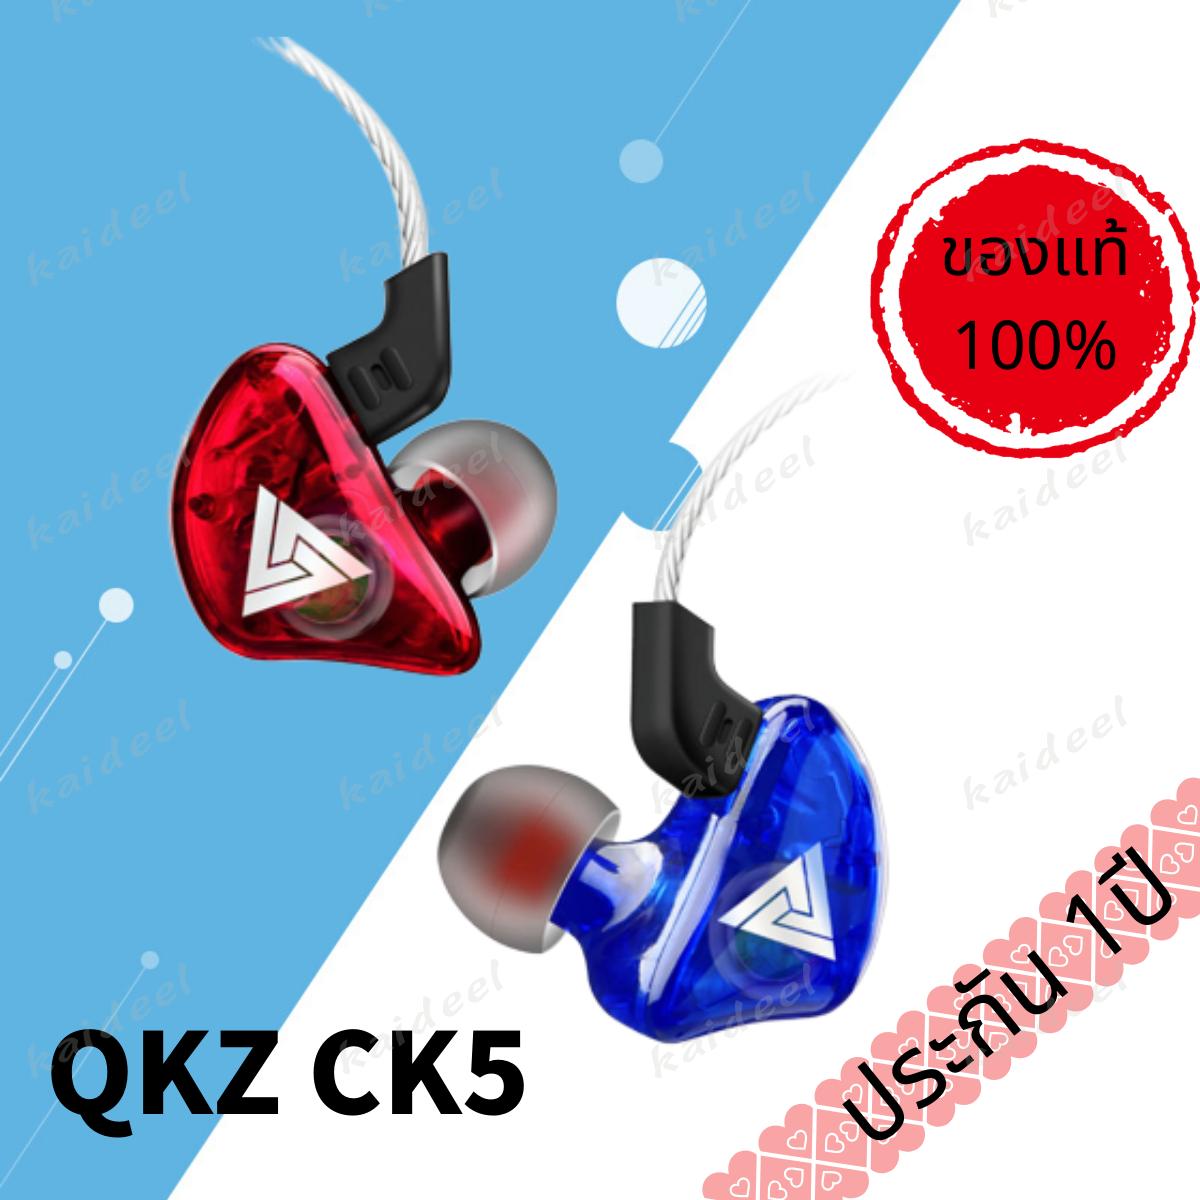 หูฟัง Qkz รุ่น Ck5 In Ear คุณภาพดีงาม ราคาหลักร้อย เสียงดี เบสแน่น โดนใจคนฟังเพลง สายยาว 1.2 เมตร ของแท้100%.